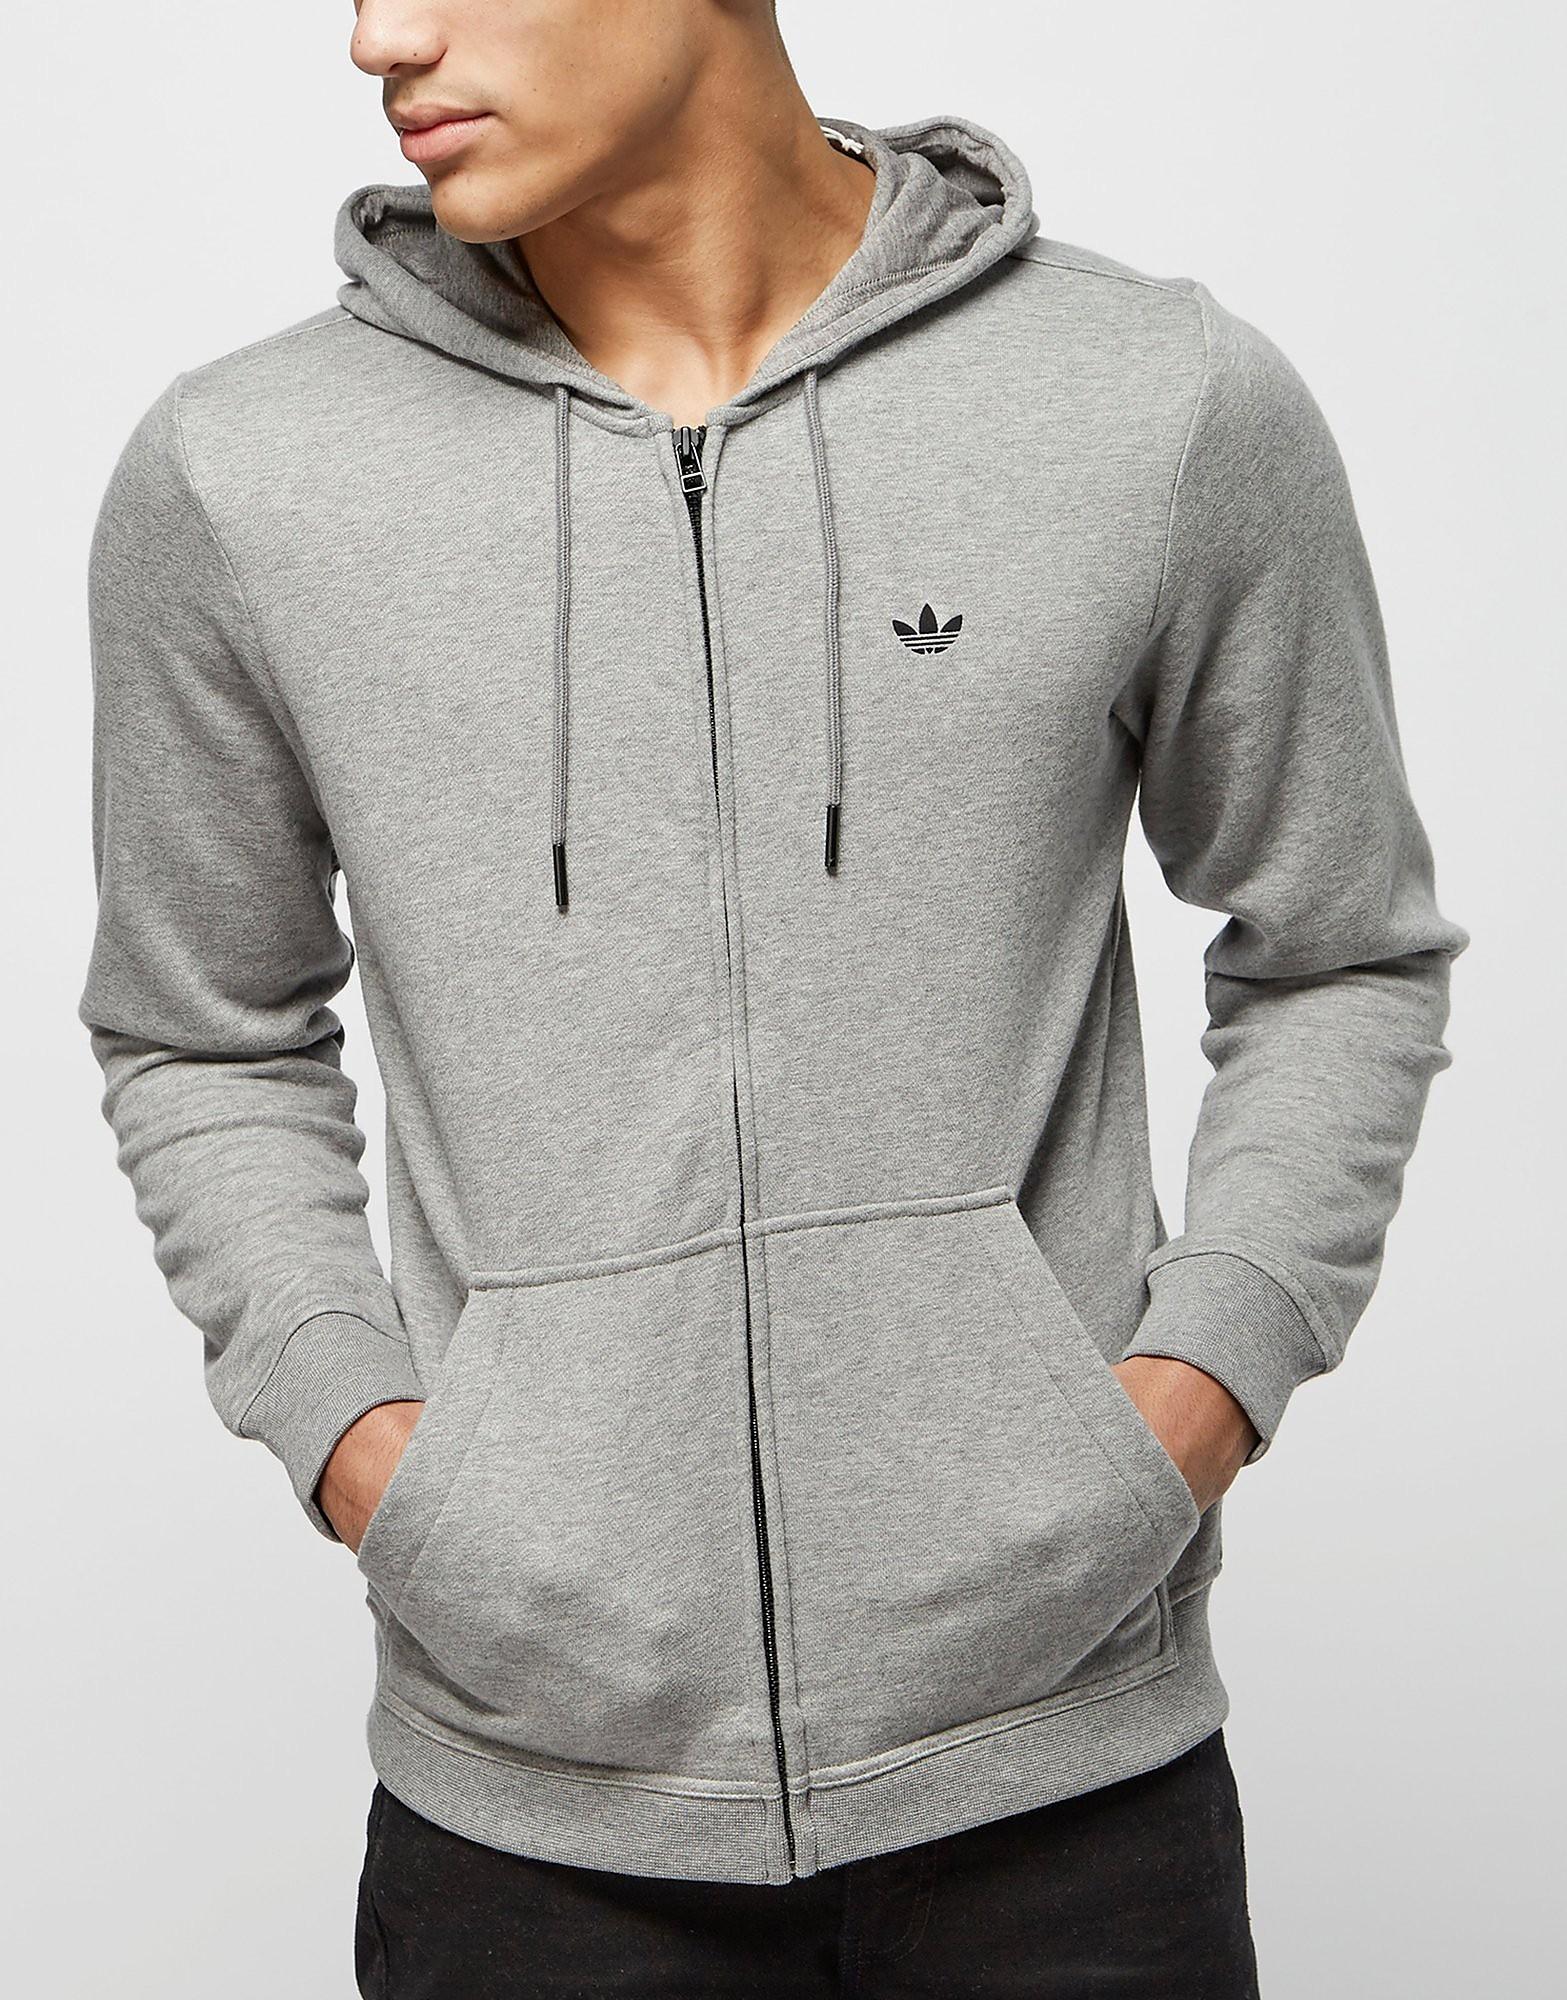 adidas Originals Premium Full Zip Hoody